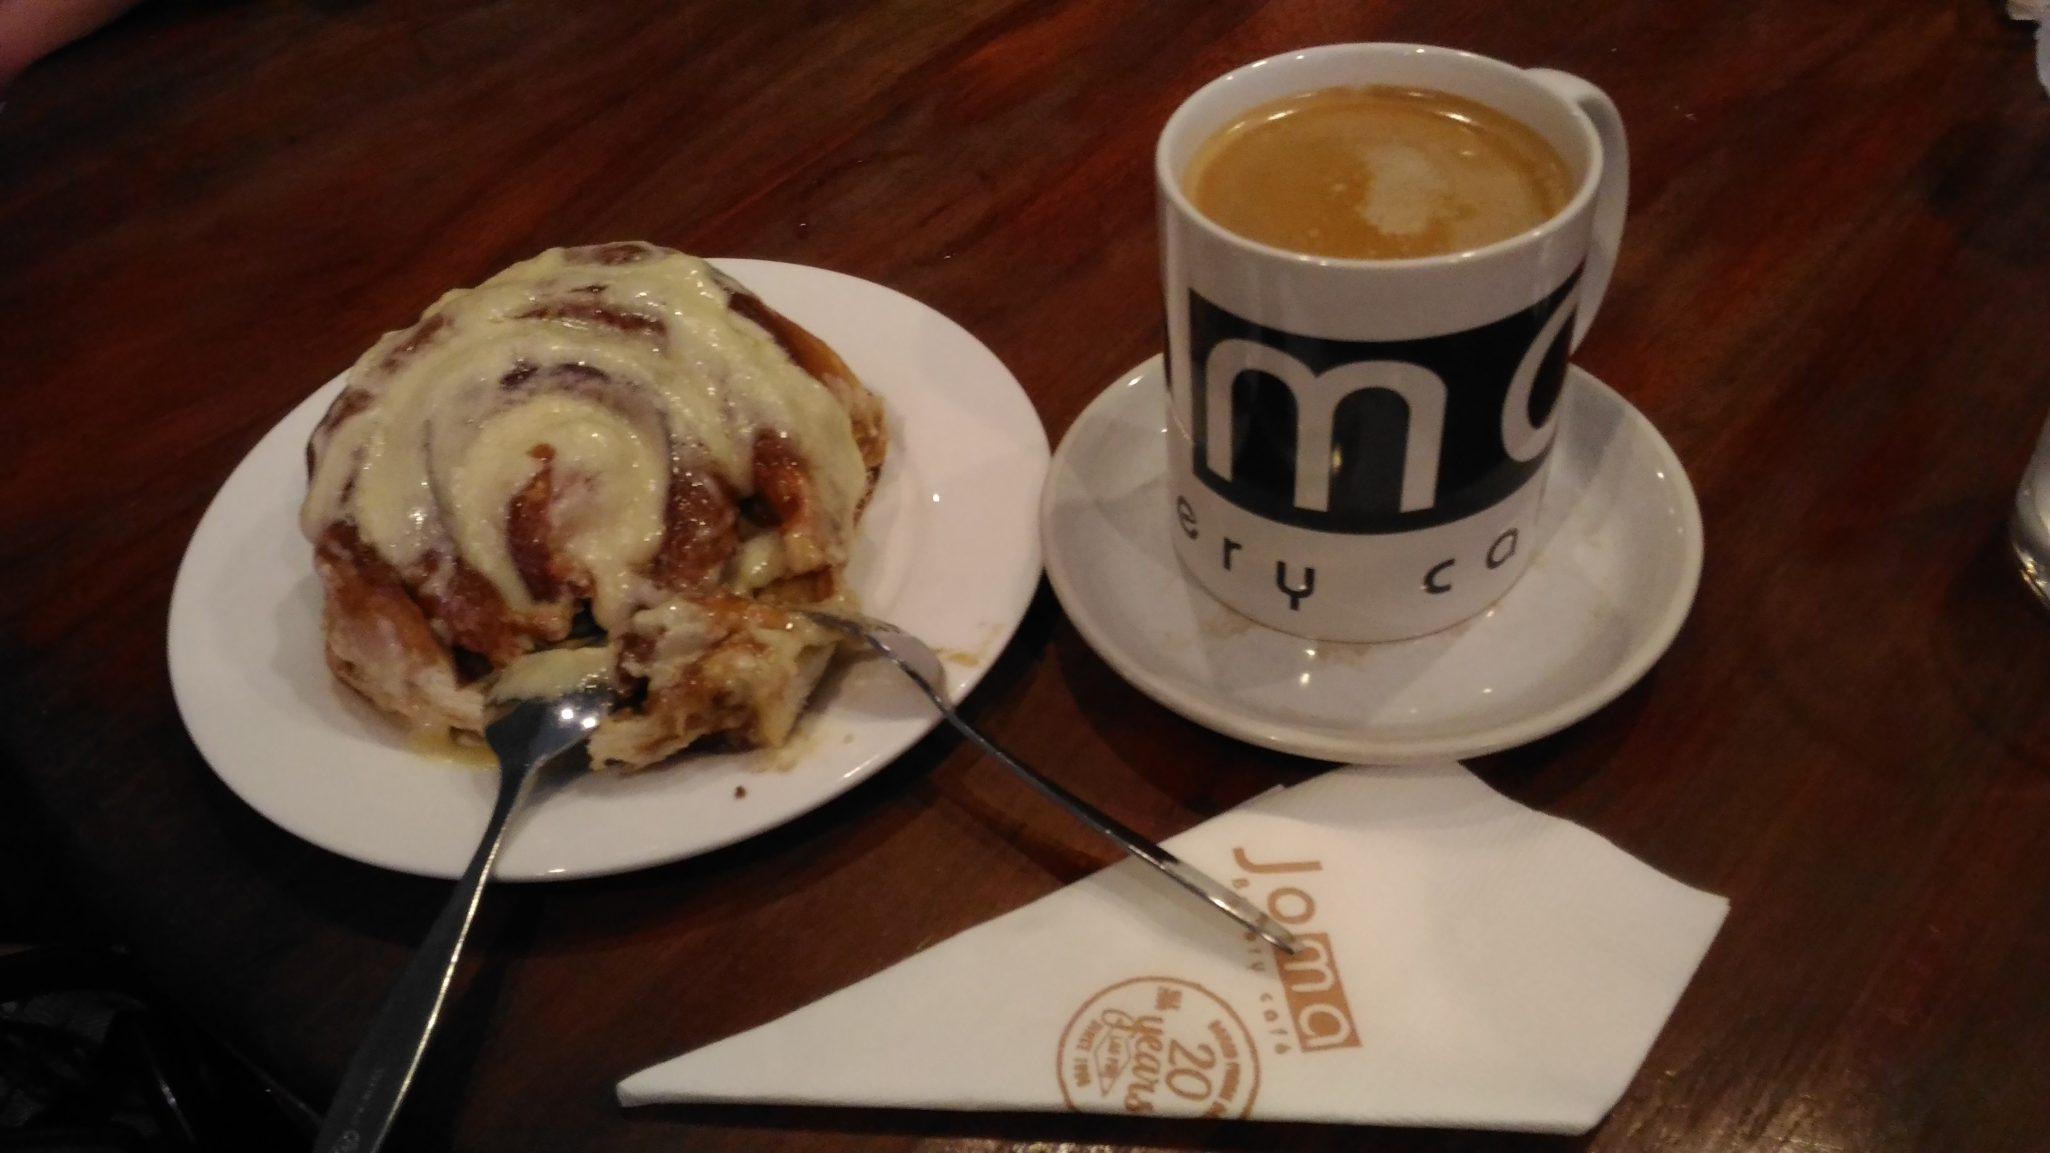 【ラオス】ビエンチャンでおすすめのカフェ&レストラン ベーカリーカフェ「ジョマ」&インド料理「ナジム」